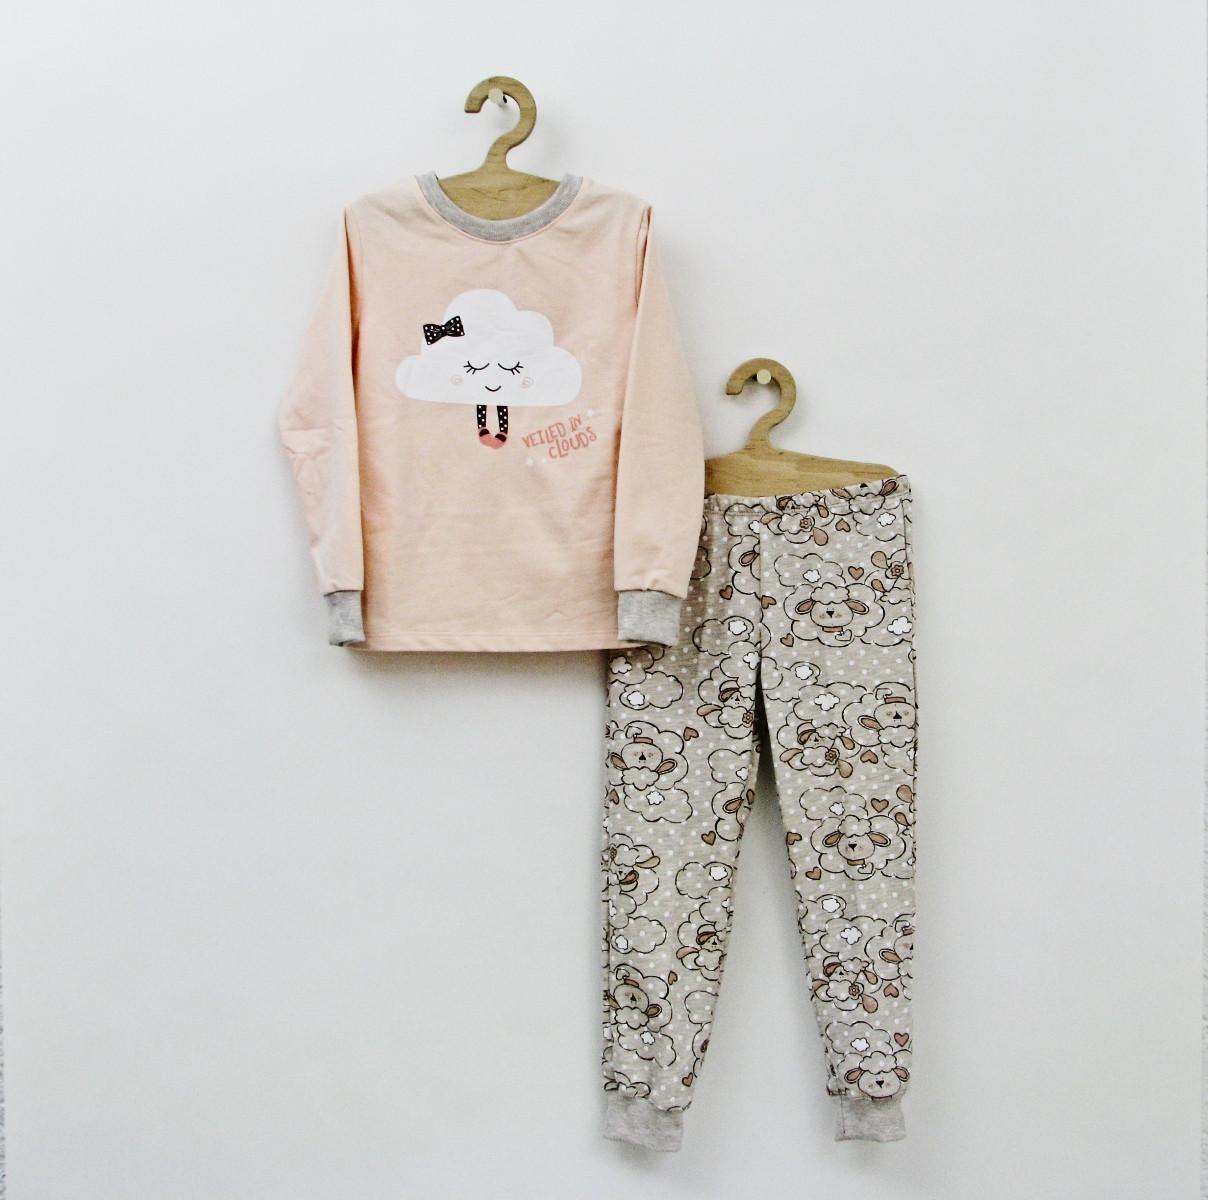 Детская пижама на байке для девочки р. 116 купить Украина недорого ... 0b3cb9d19a026